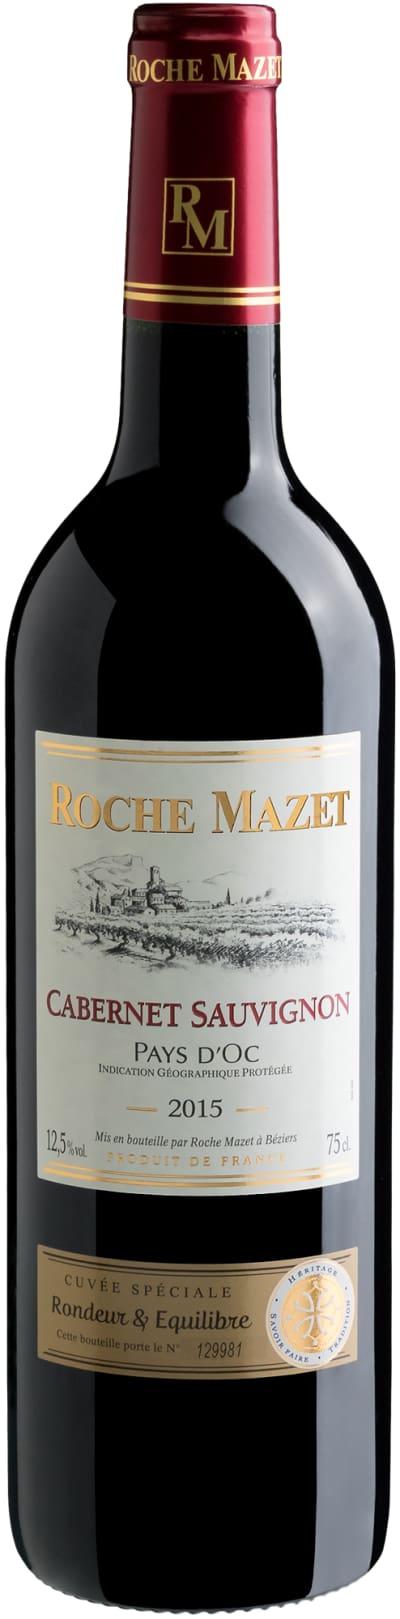 Roche Mazet Cabernet Sauvignon 2015